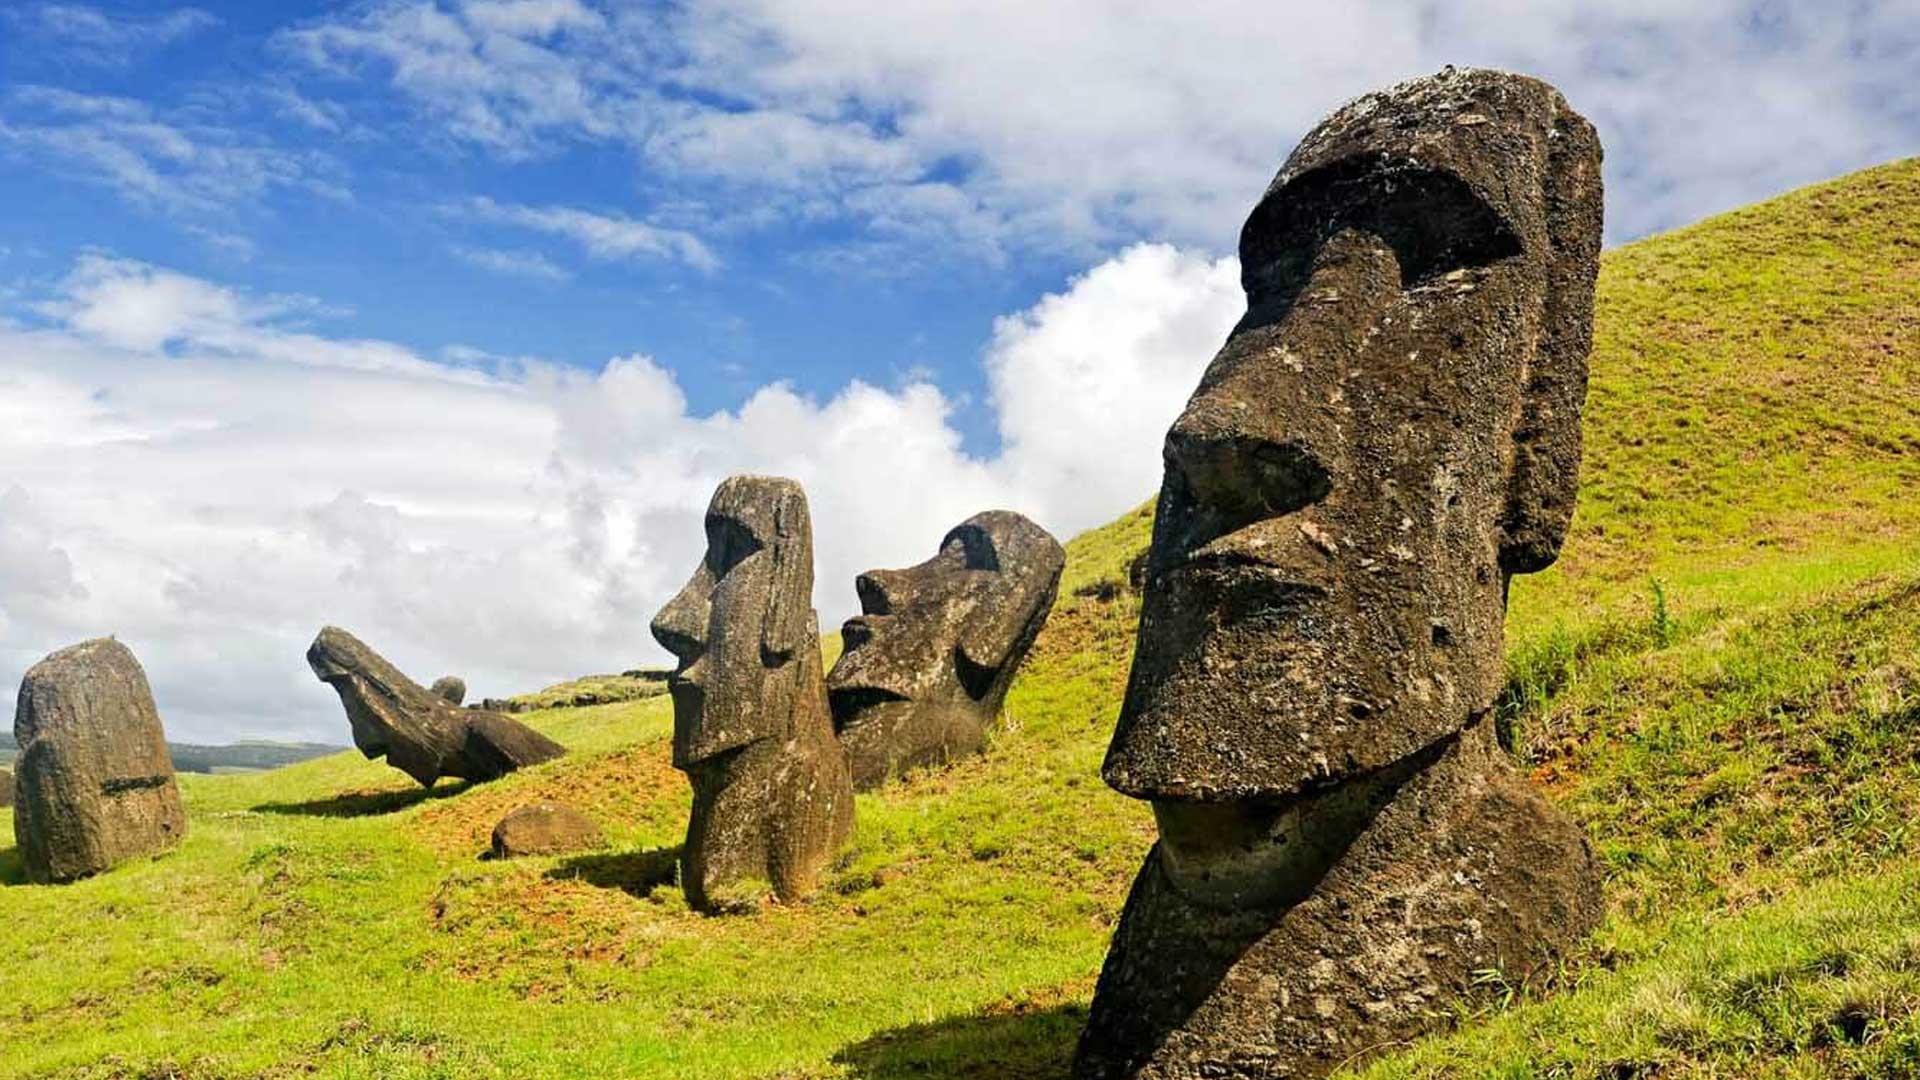 Científicos descubren algo increíble sobre las estatuas en la Isla de Pascua